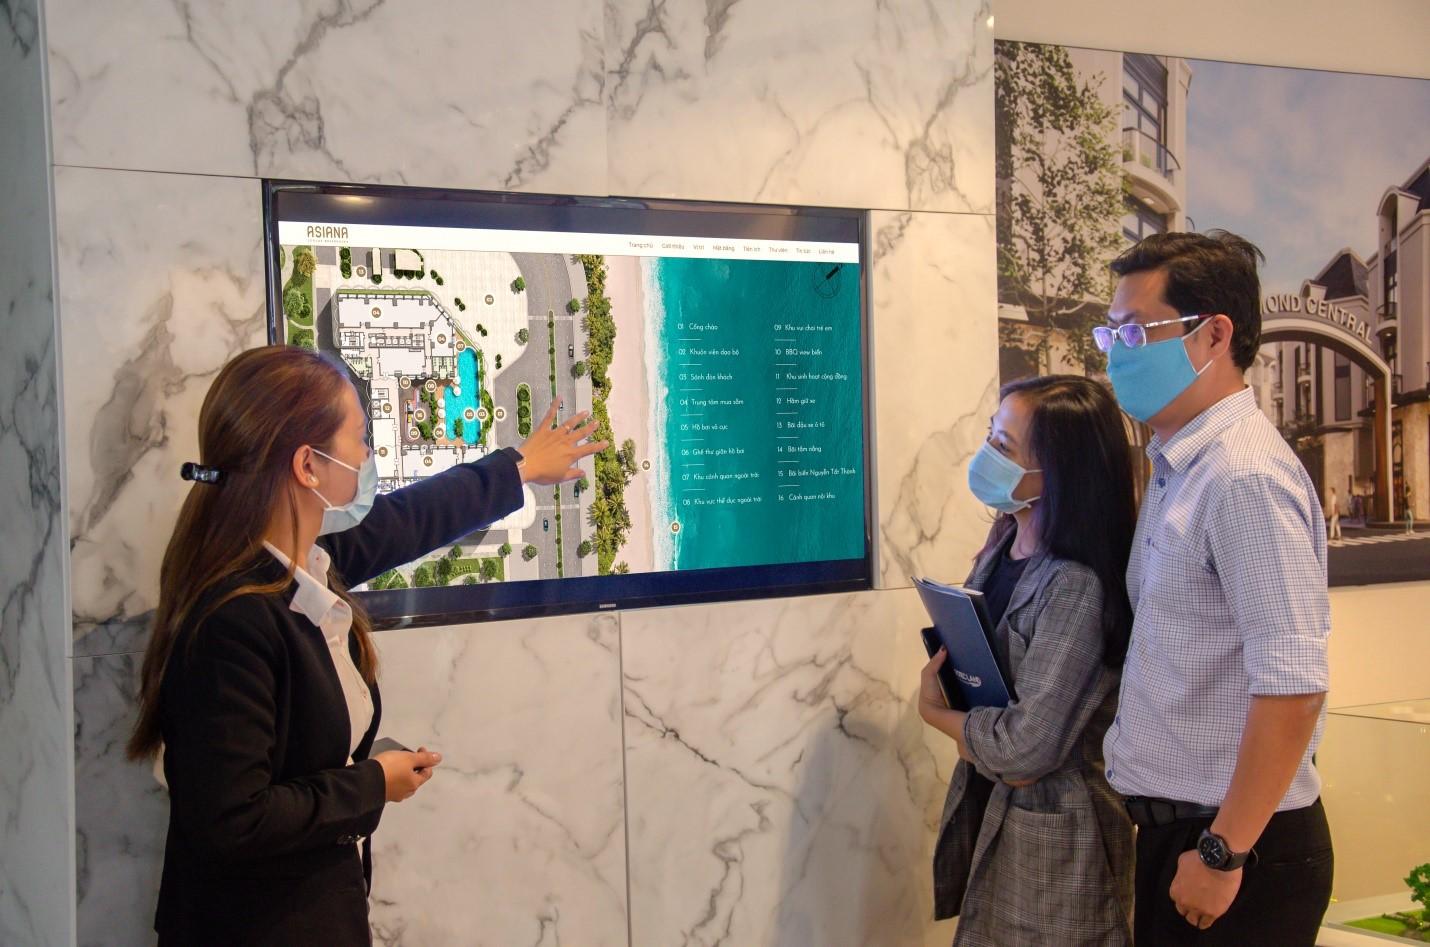 Gotec Land cung cấp thông tin dự án cho khách hàng bằng các ứng dụng công nghệ. Ảnh: Gotec Land.